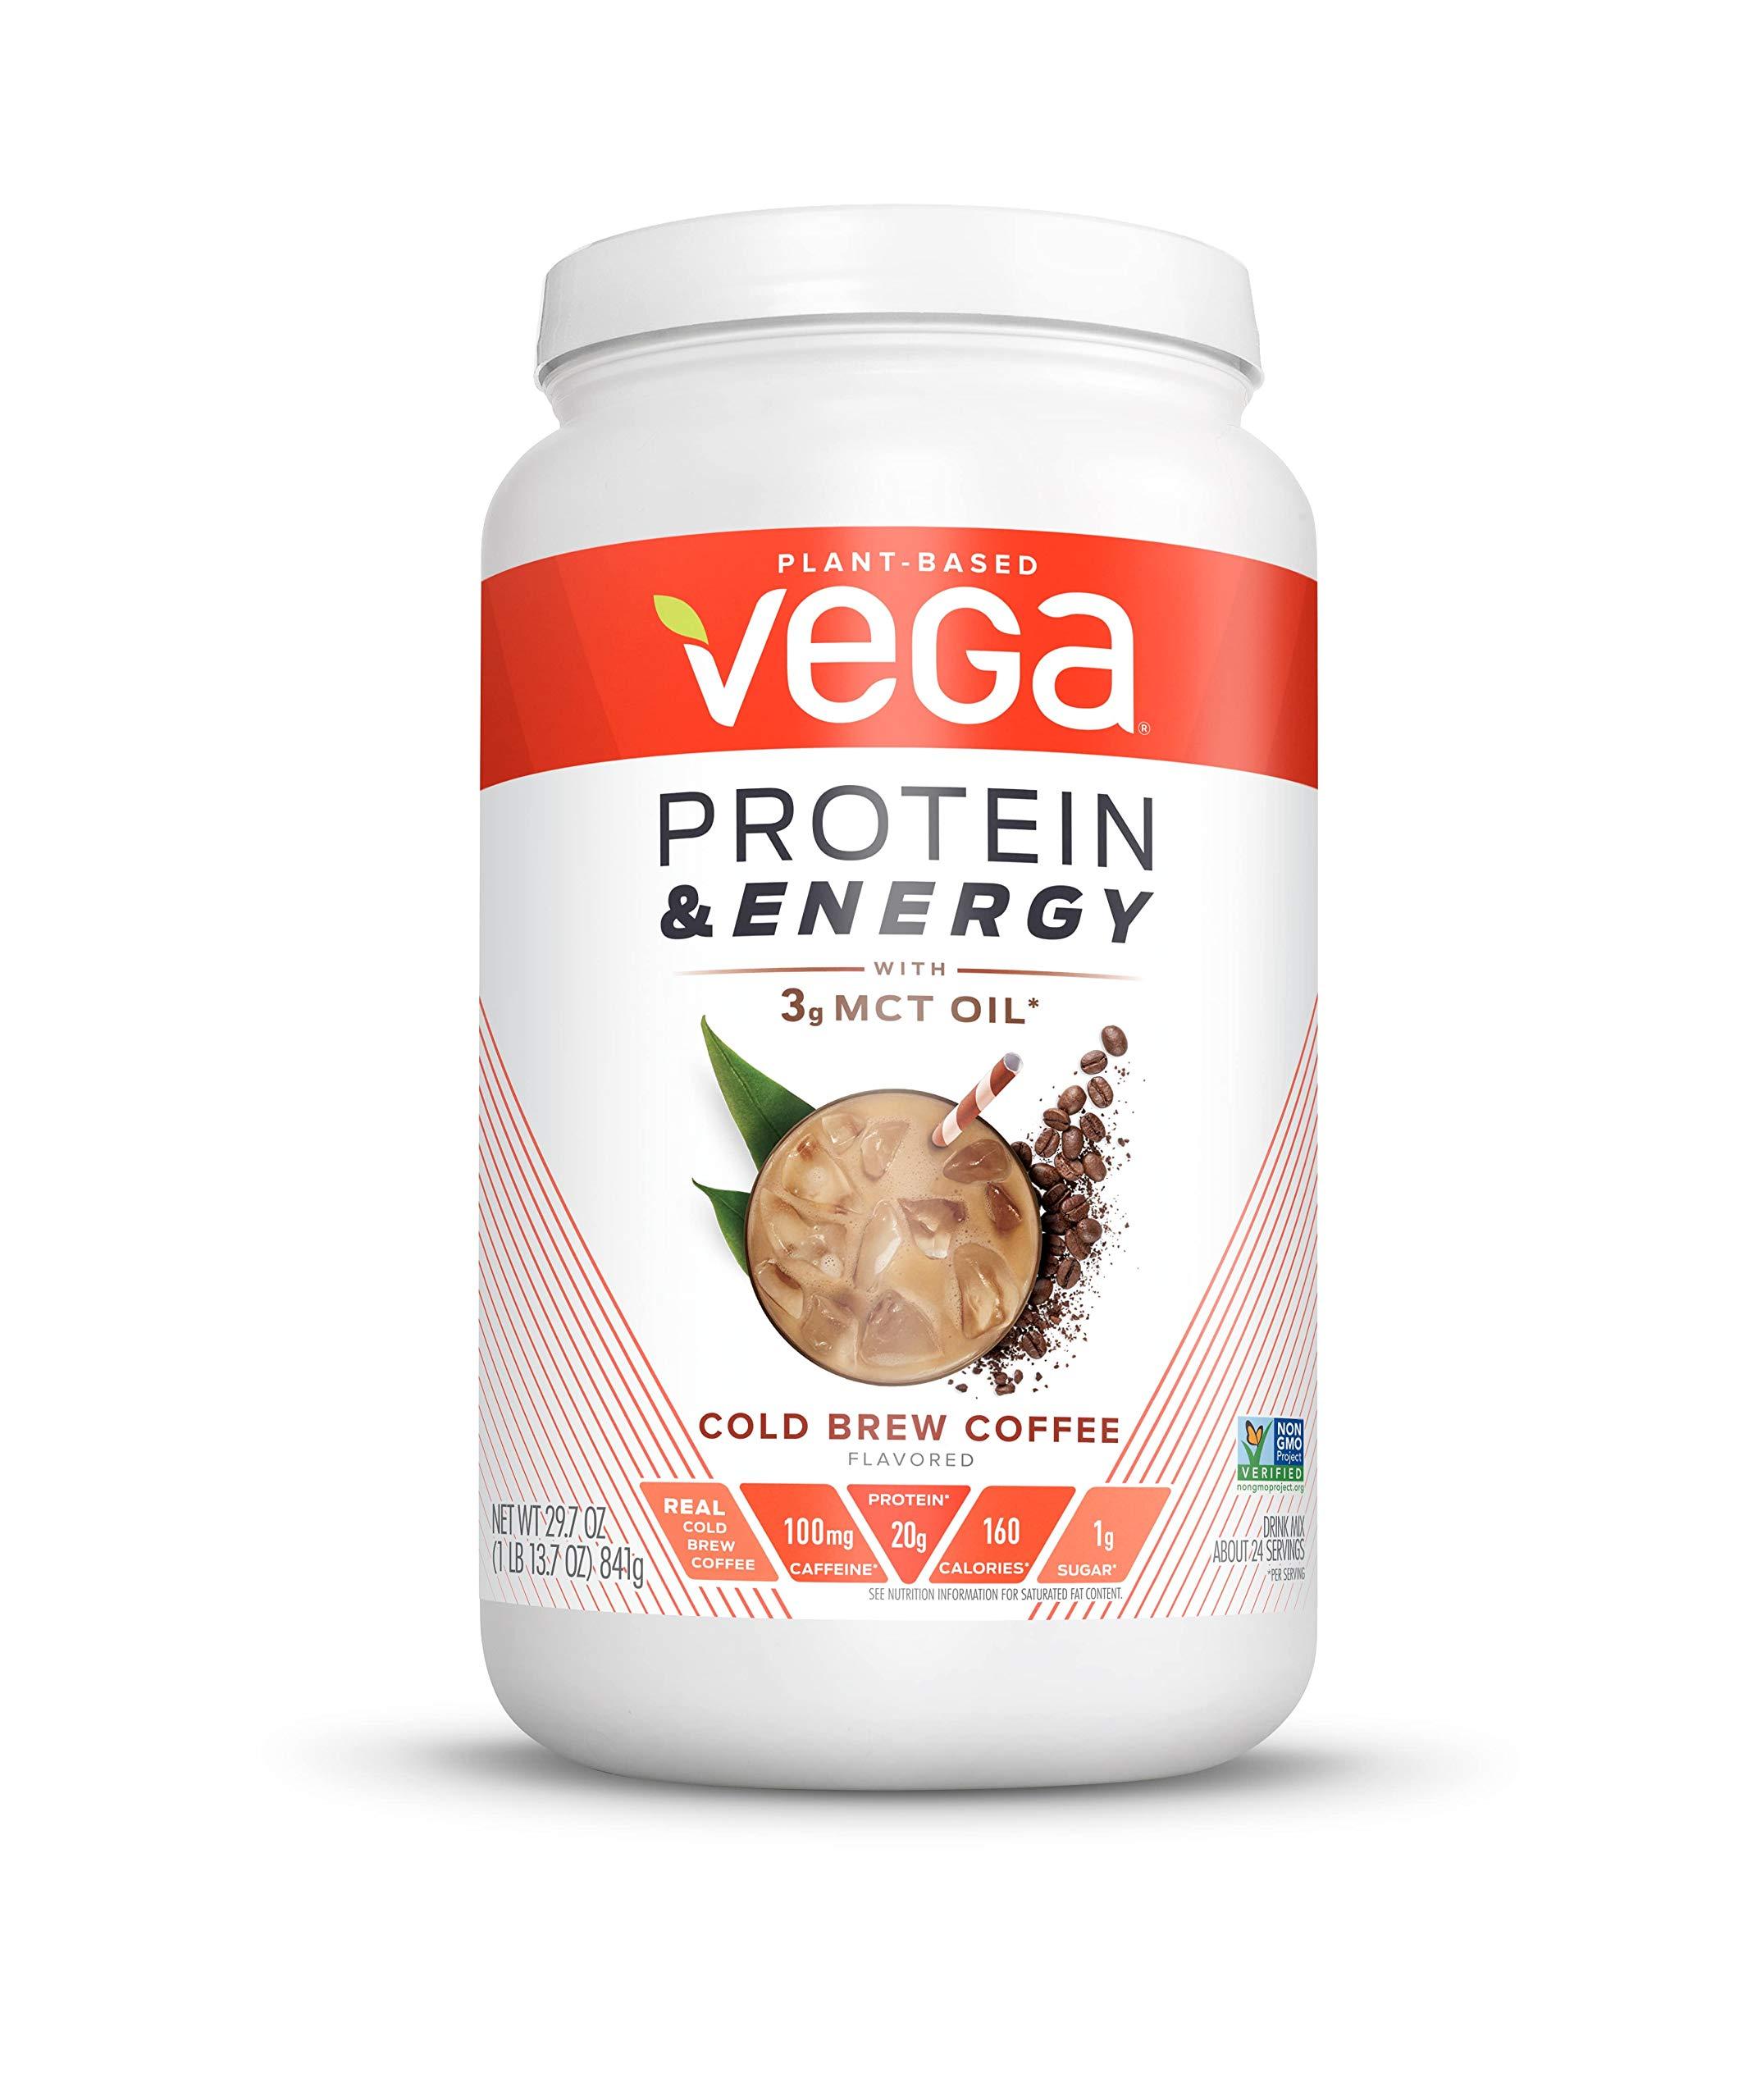 Vega Protein & Energy Cold Brew Coffee (24 servings, 29.7 oz) - Plant Based Vegan Non Dairy Protein Powder, Gluten Free, Keto, MCT oil, Non GMO